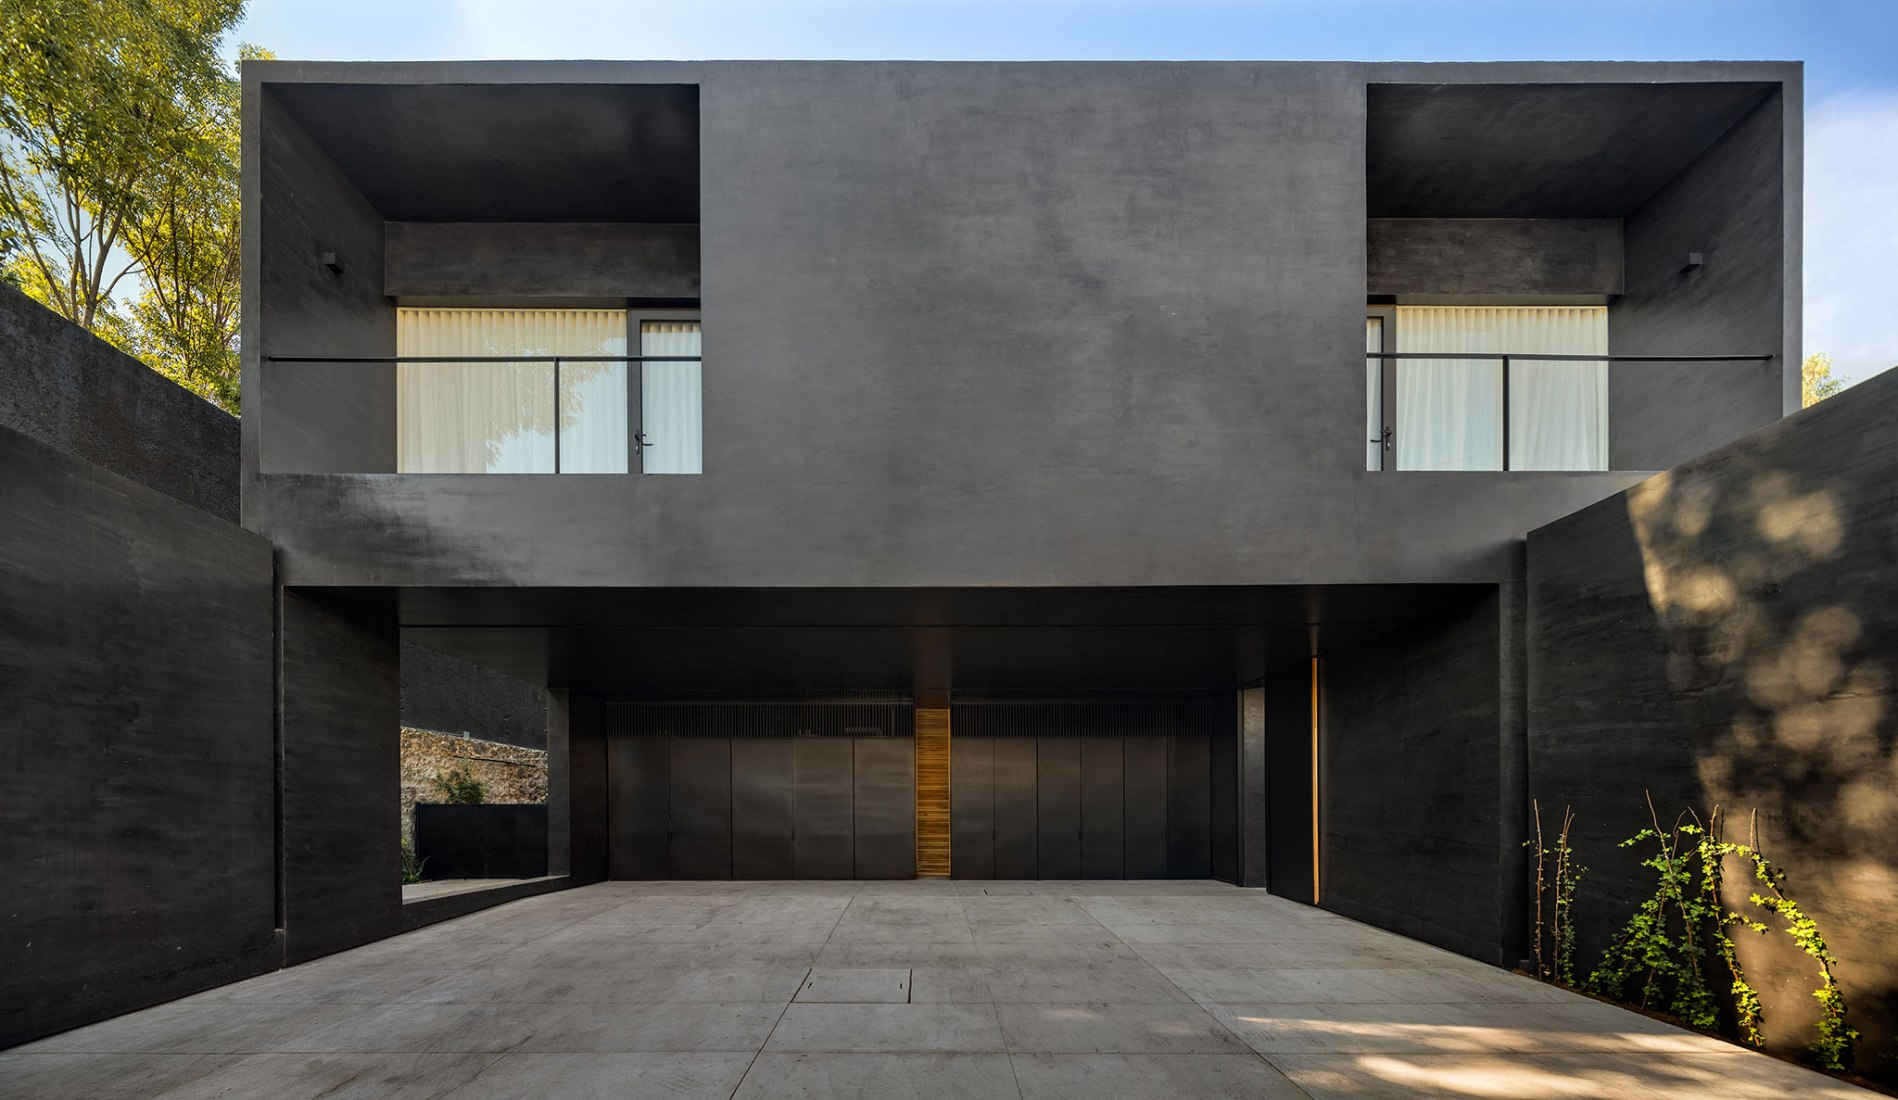 Casa Lluvia por PPAA. Fotografía por Rafael Gamo